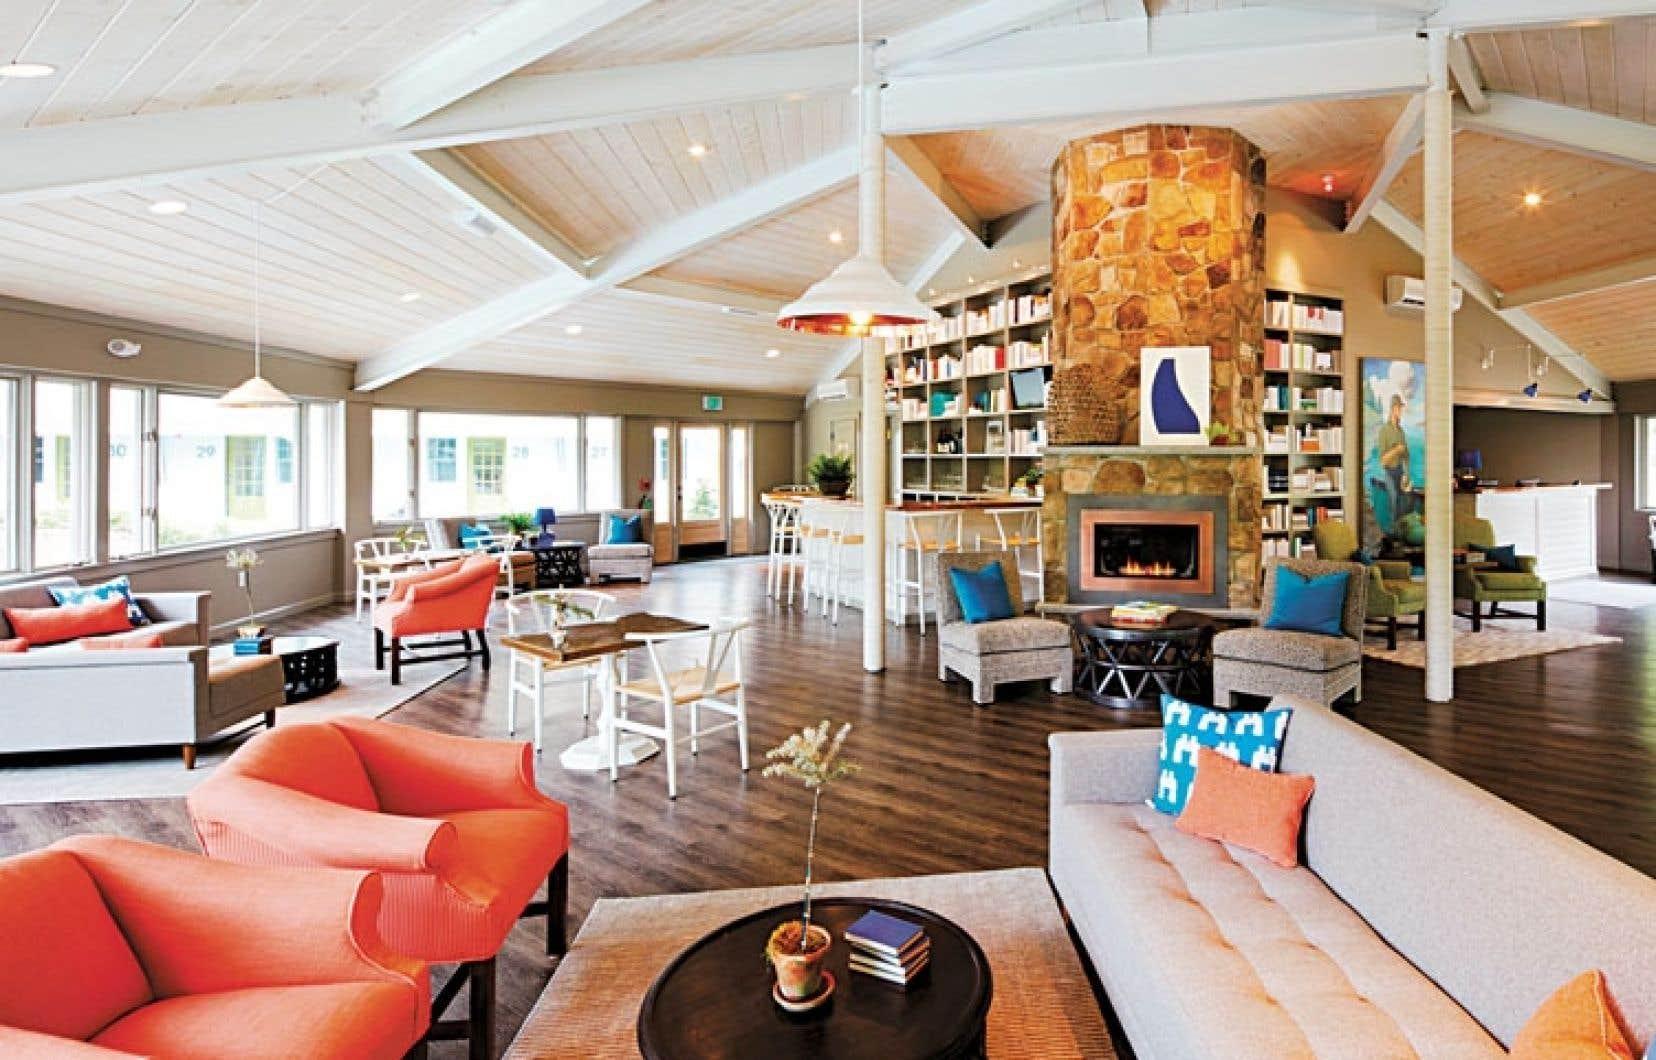 Le pavillon octogonal, point de rencontre des hôtes au Lodge on the Cove.